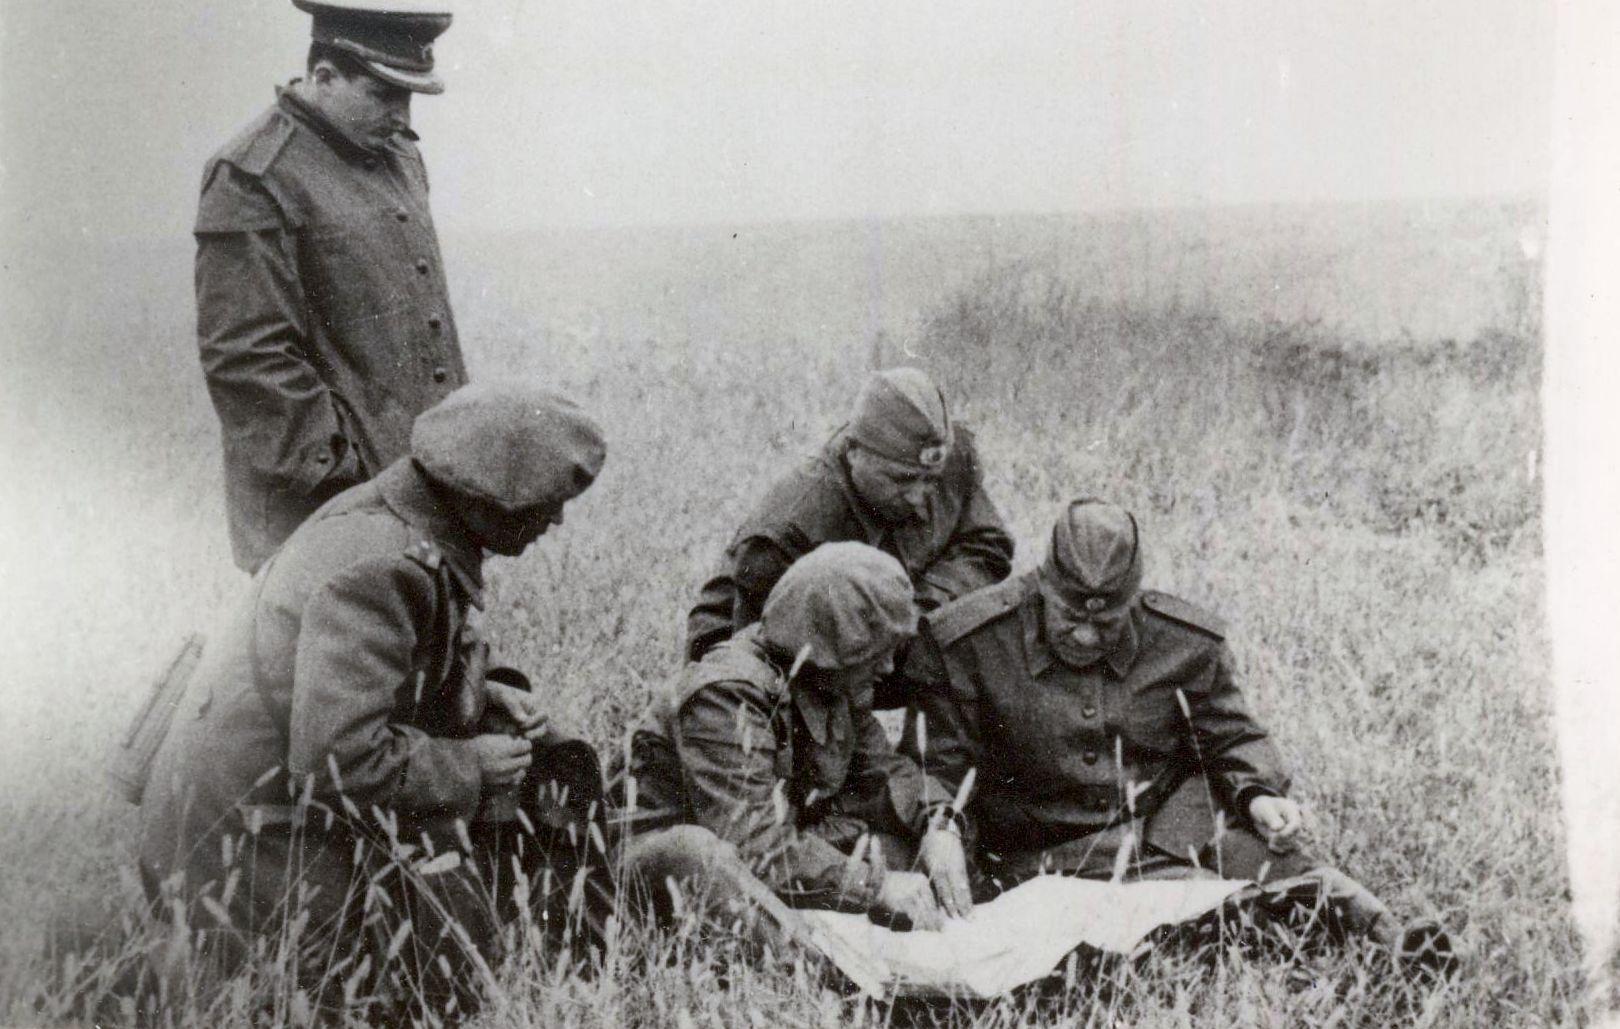 1951 - Nicolae Ceauşescu încă general maior alături de ministrul Apărării Emil Bodnăraş la o aplicaţie a vânătorilor de munte Fototeca online a comunismului românesc cota 1-1951